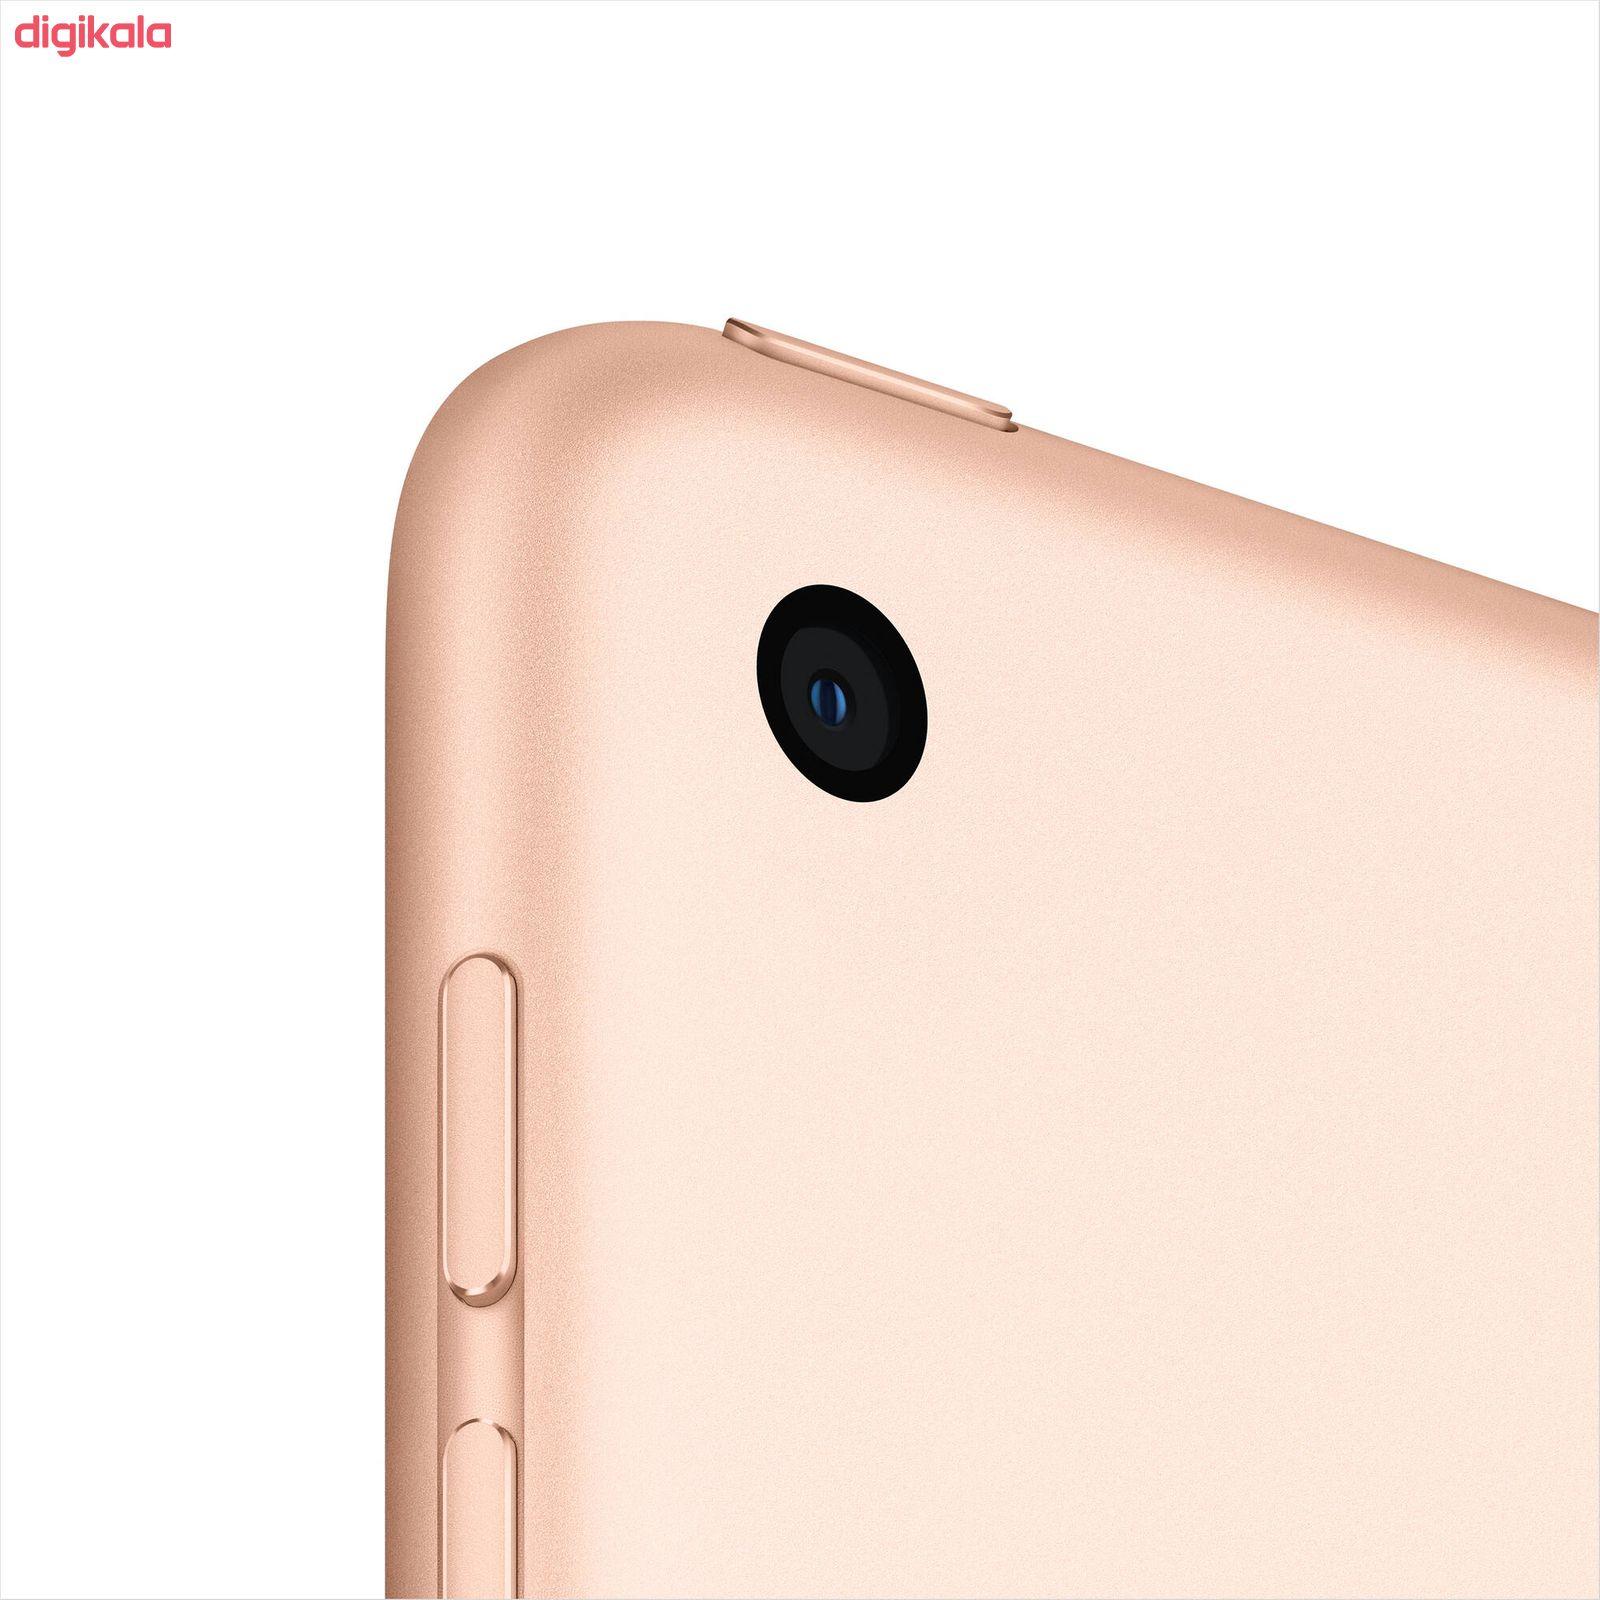 تبلت اپل مدل iPad 10.2 inch 2020 4G/LTE ظرفیت 128 گیگابایت  main 1 5